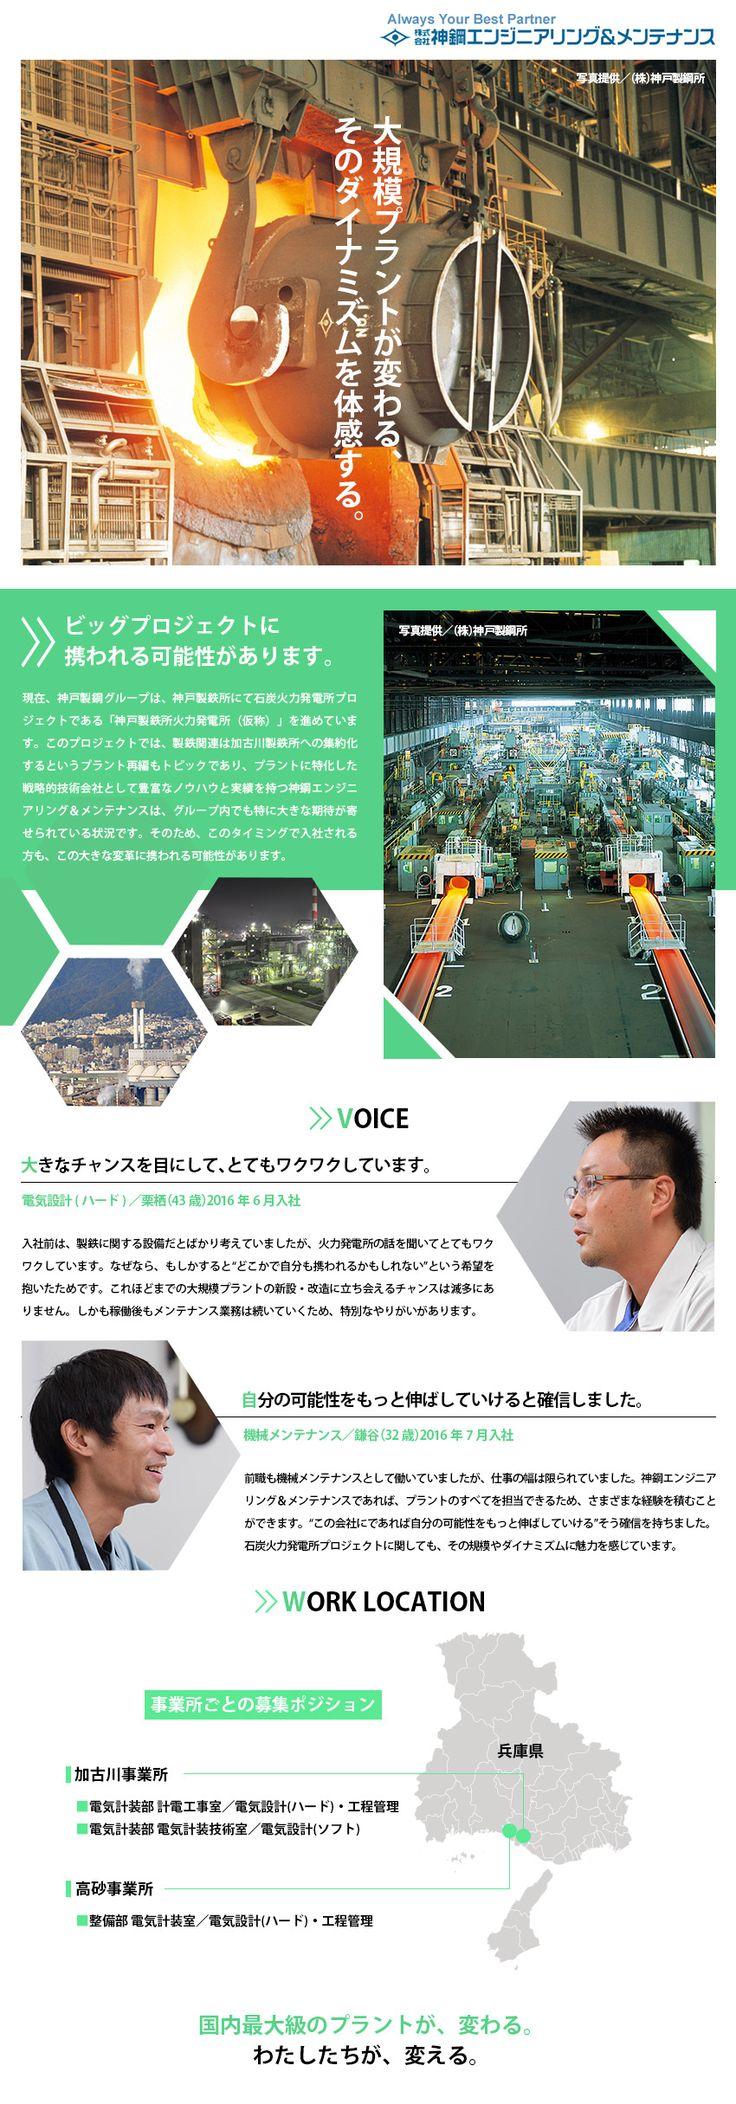 株式会社神鋼エンジニアリング&メンテナンス(神戸製鋼所100%出資)/電気系技術職【電気設計(ハード)・工程管理/電気設計(ソフト)】の求人PR - 転職ならDODA(デューダ)